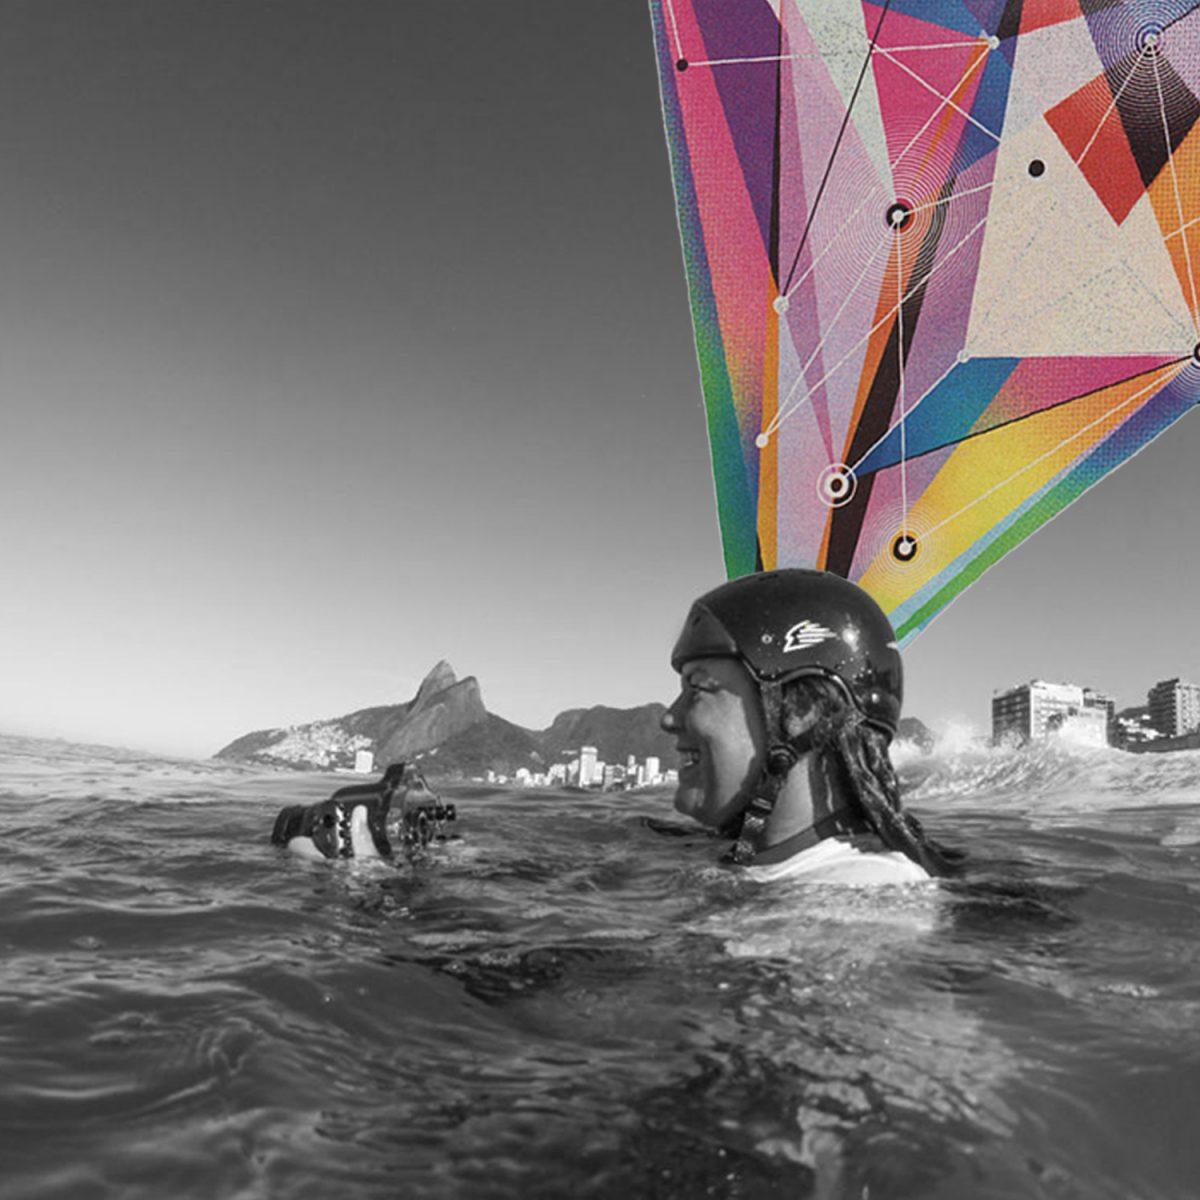 Fotógrafa de surf segura caixa estanque dentro da água em foto pb com colagem geométrica colorida em podcast com surfistas brasileiras